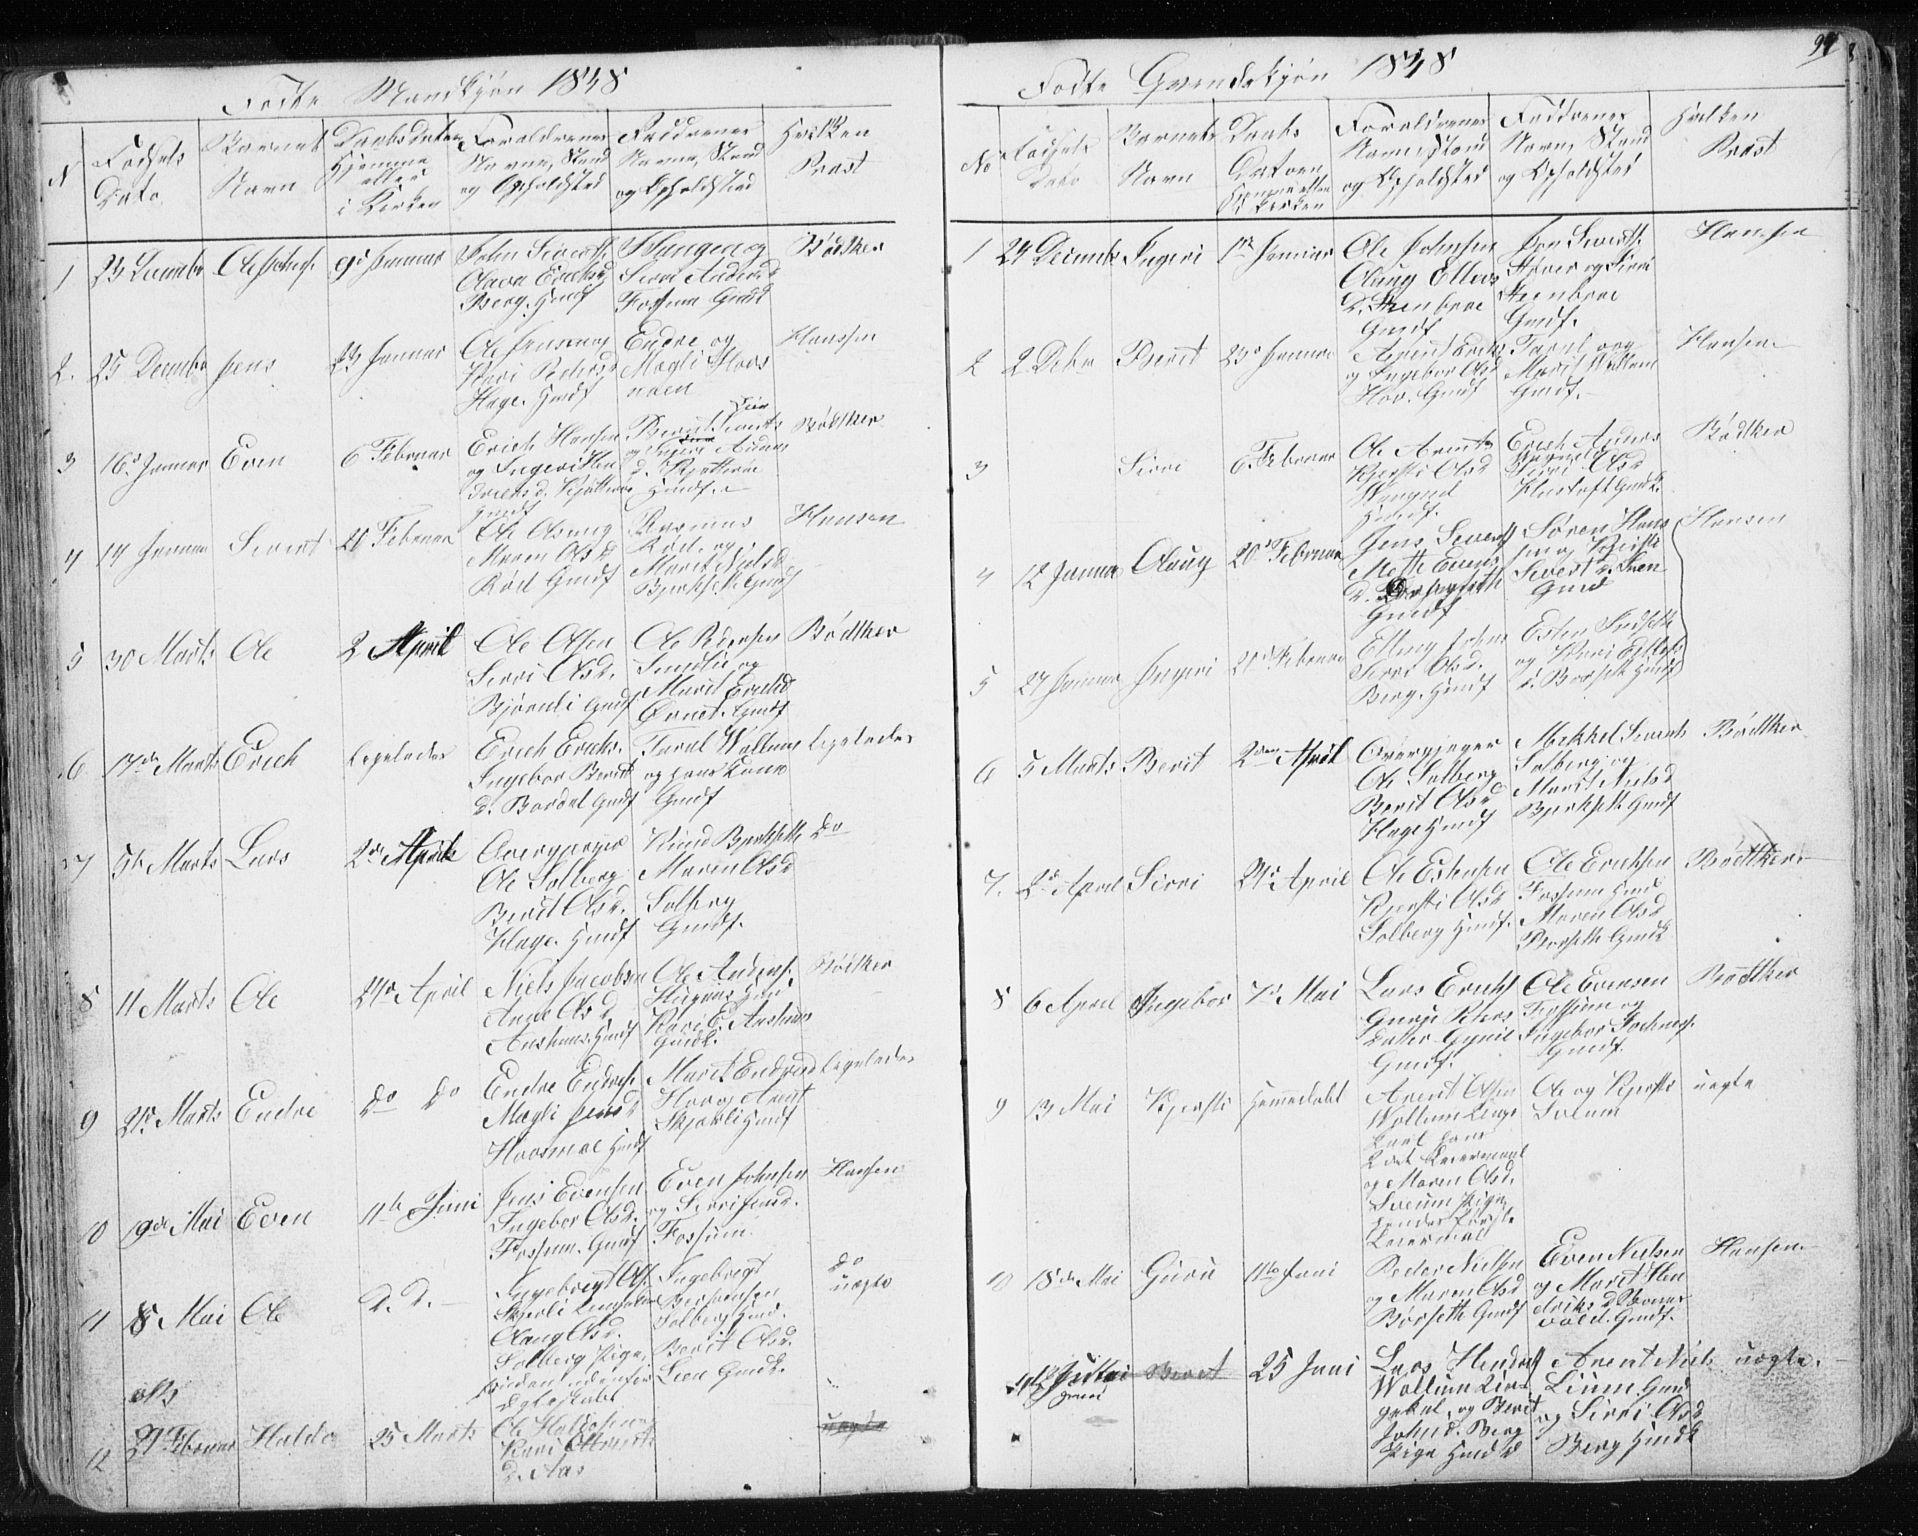 SAT, Ministerialprotokoller, klokkerbøker og fødselsregistre - Sør-Trøndelag, 689/L1043: Klokkerbok nr. 689C02, 1816-1892, s. 94